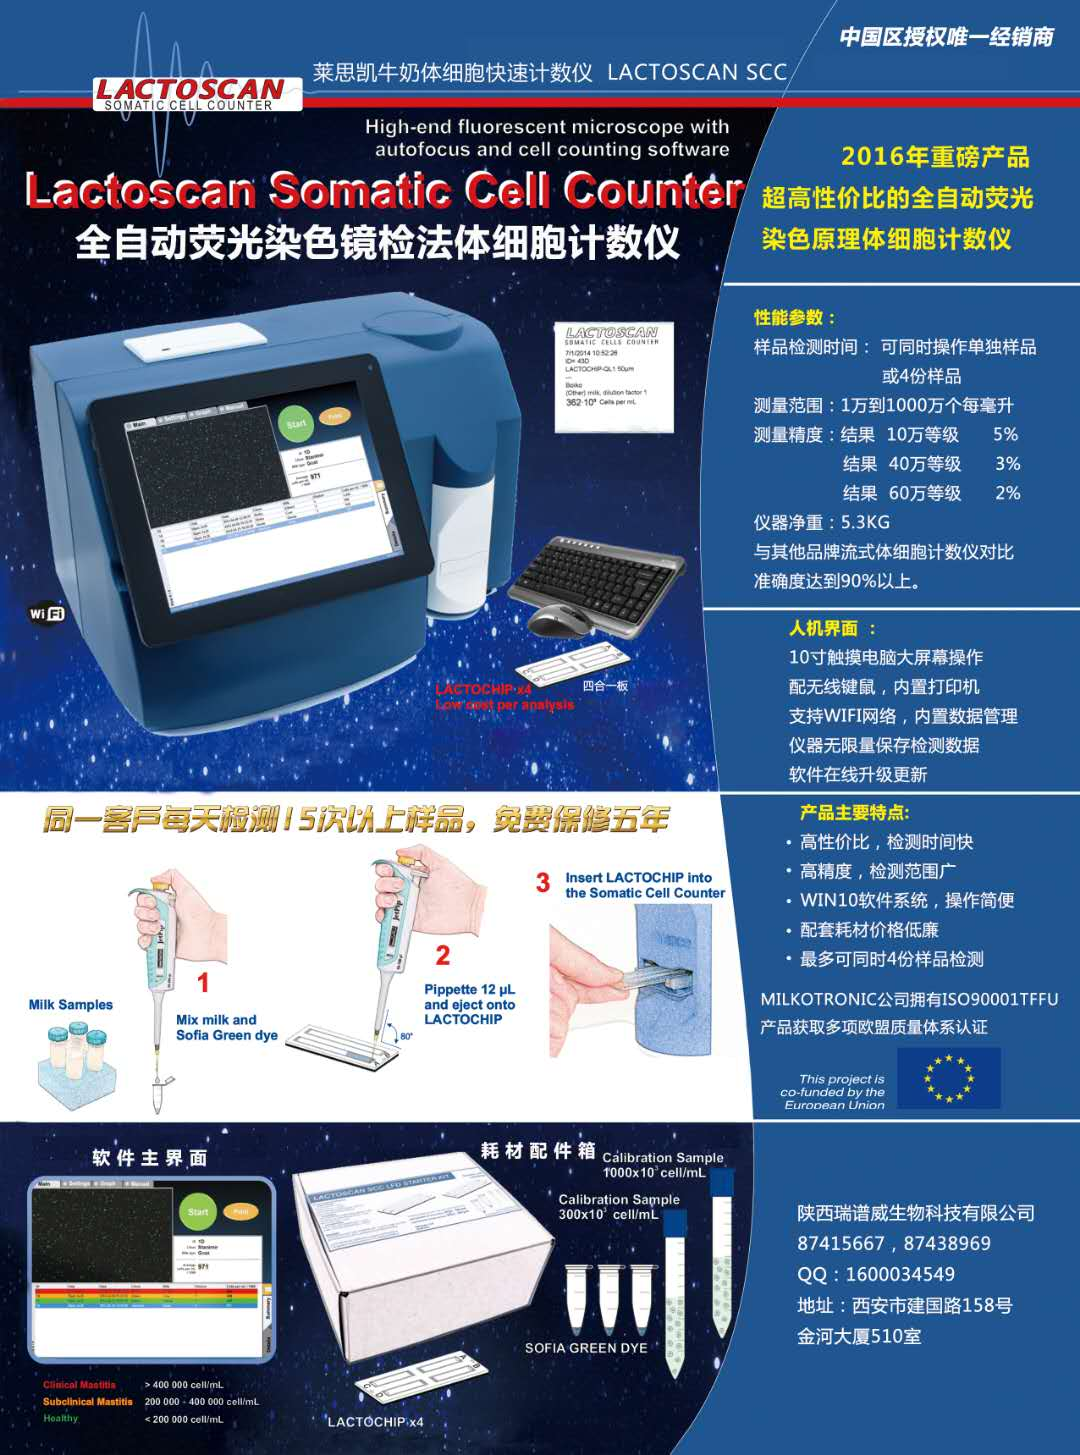 全自動熒光染色鏡檢法體細胞計數儀